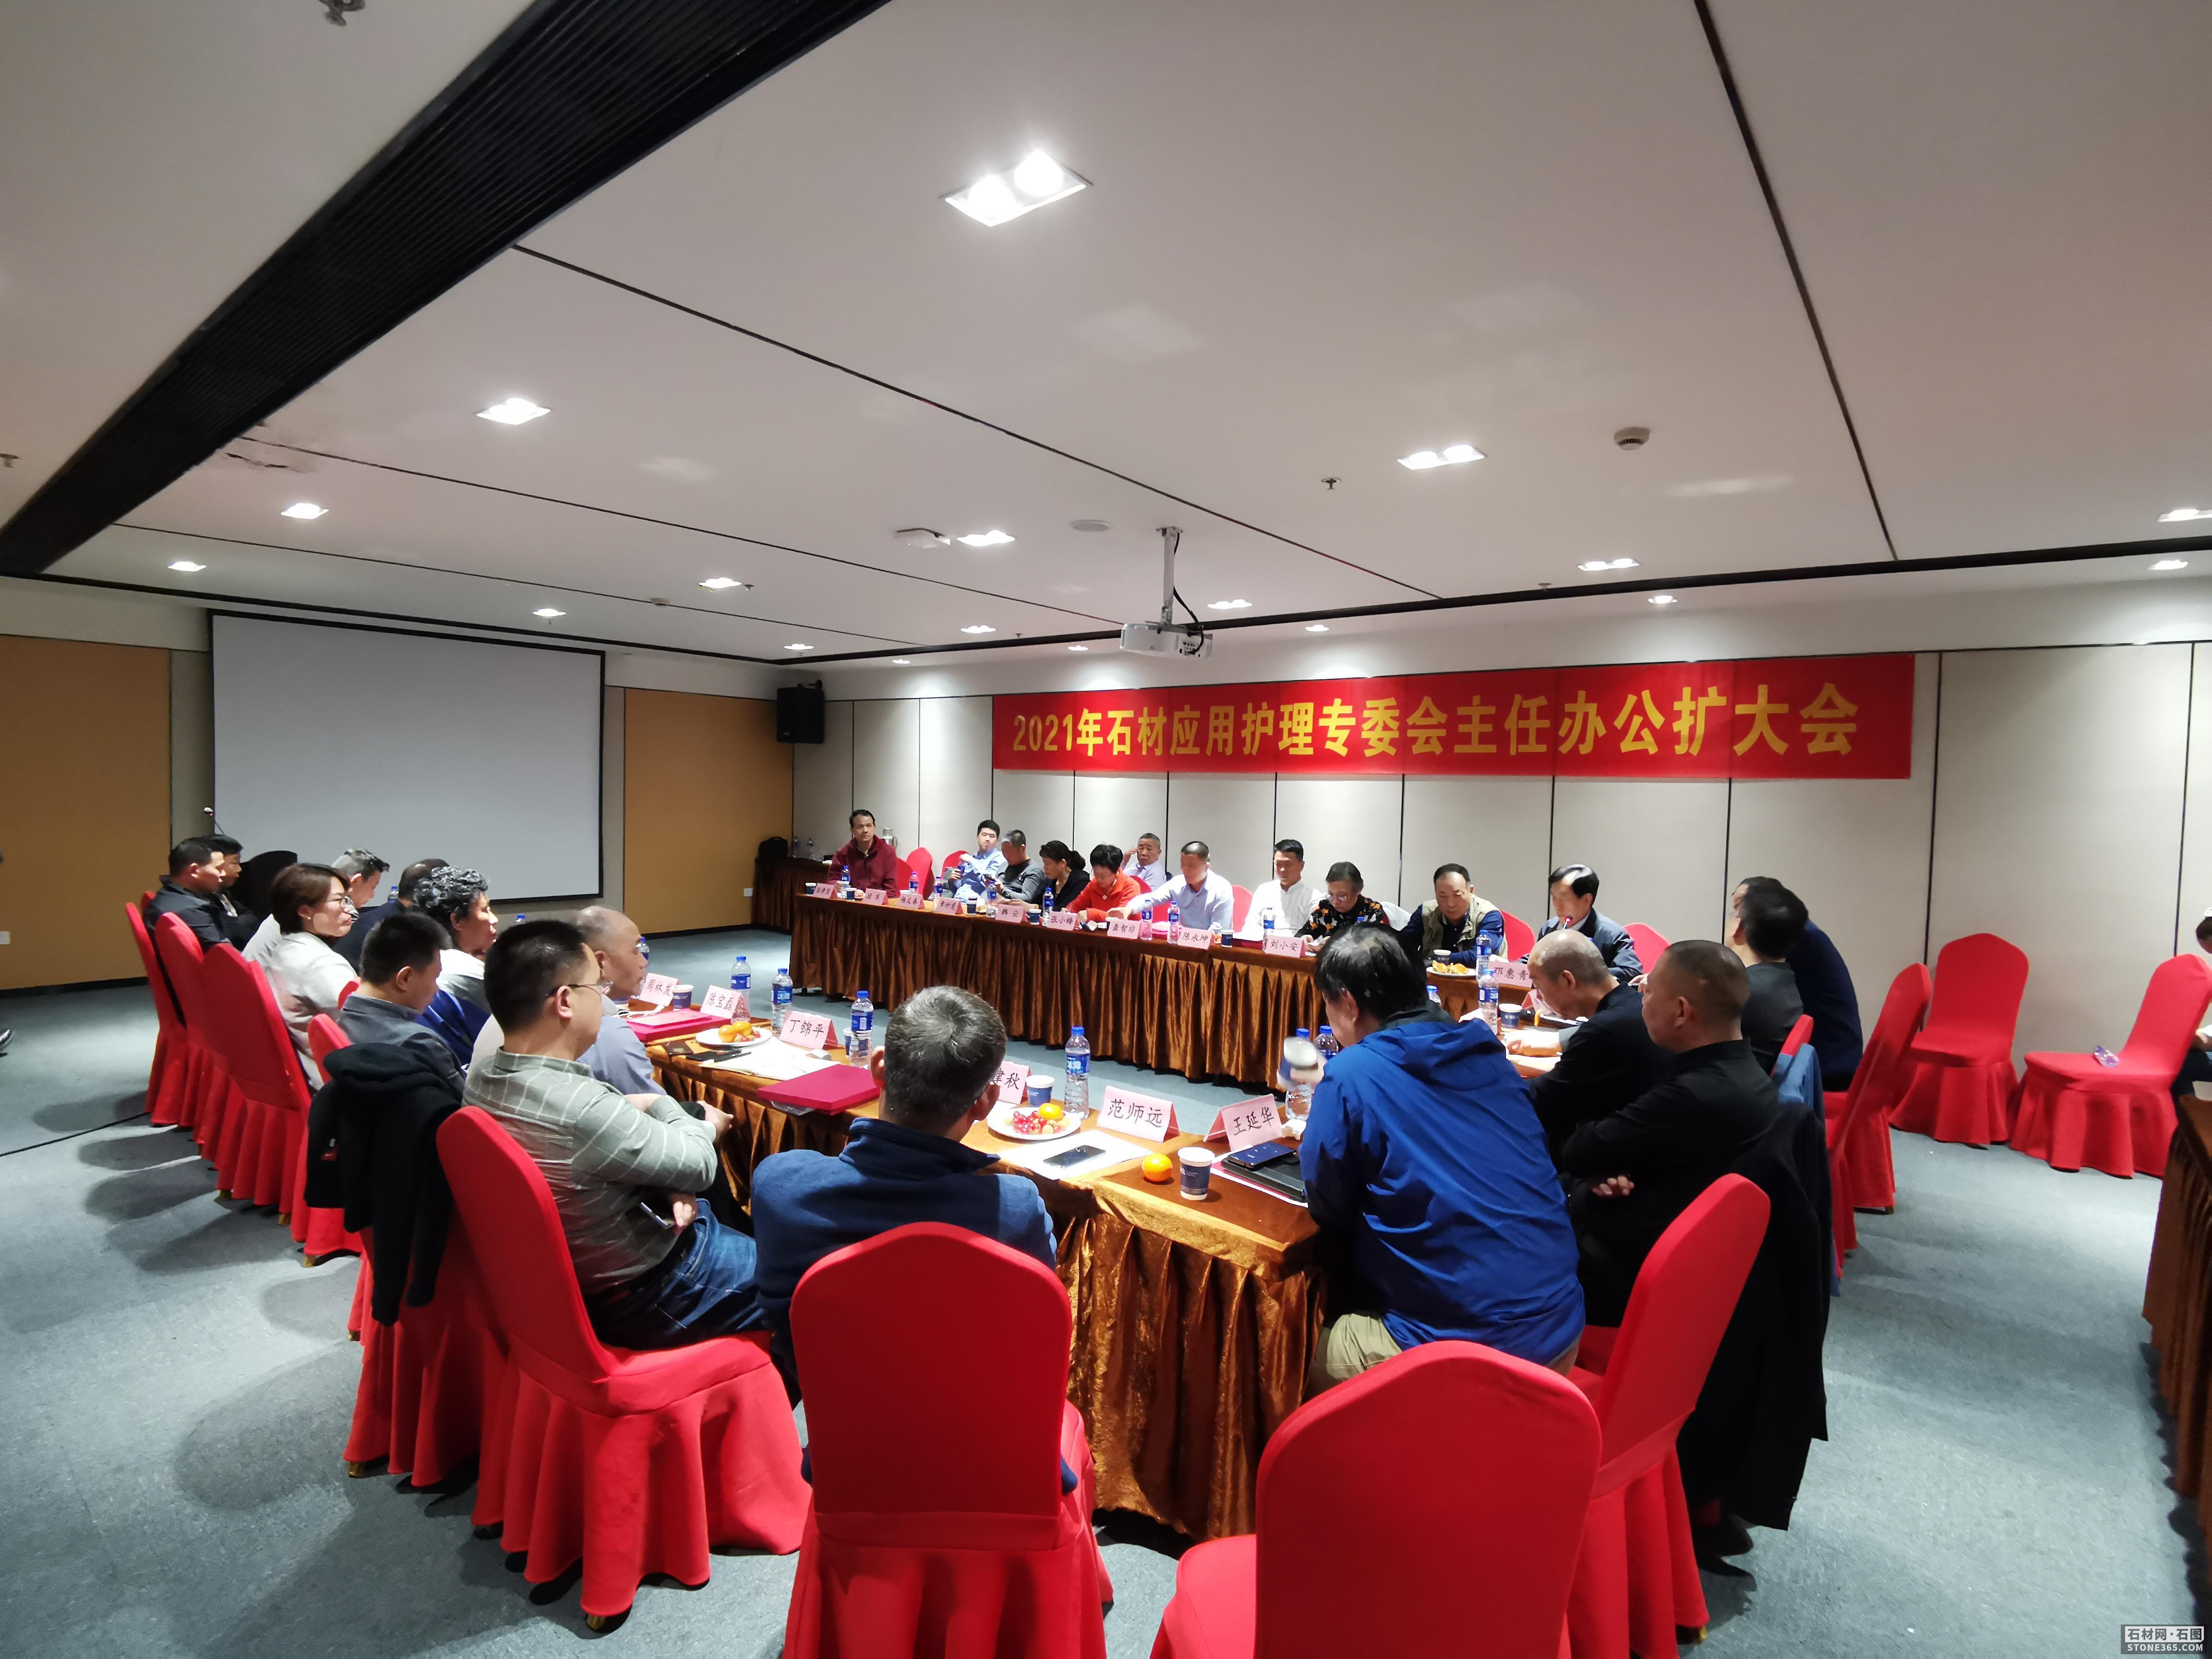 2021年中石协石材护理专委会主任工作扩大会议在杭州成功举行!